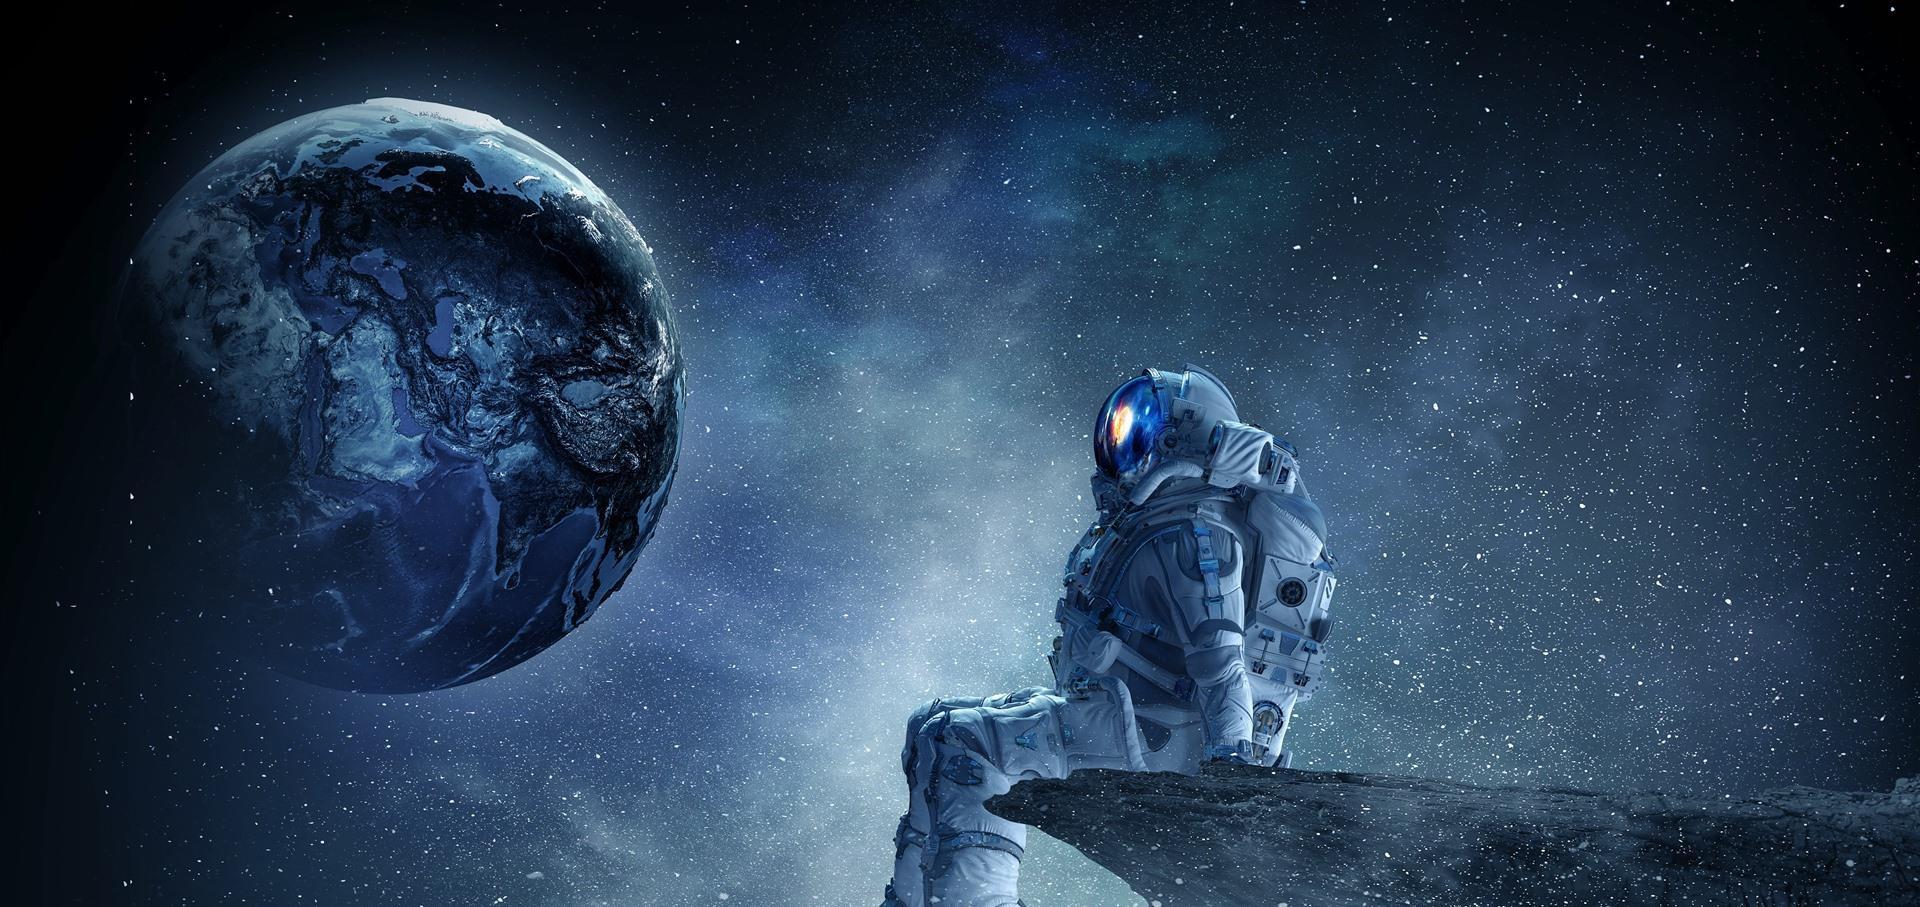 """宇航员亲述太空阅历,""""诡异幻觉""""没法注释,太空实有奥"""